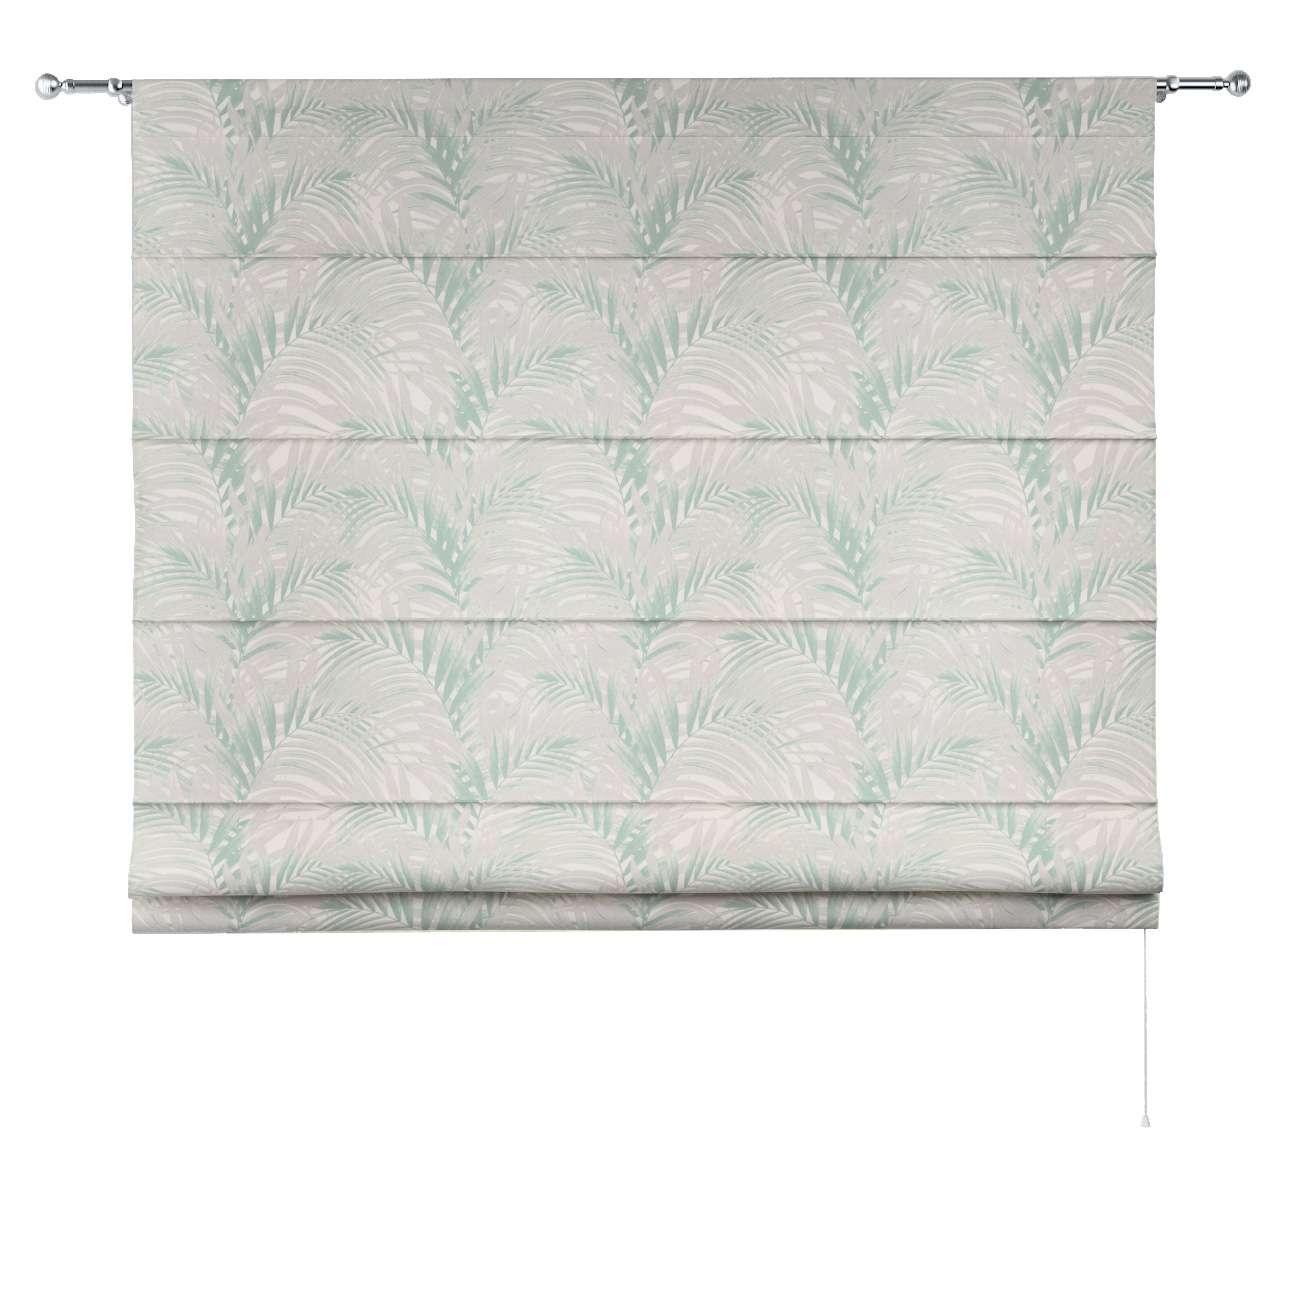 Roleta rzymska Torino w kolekcji Gardenia, tkanina: 142-15